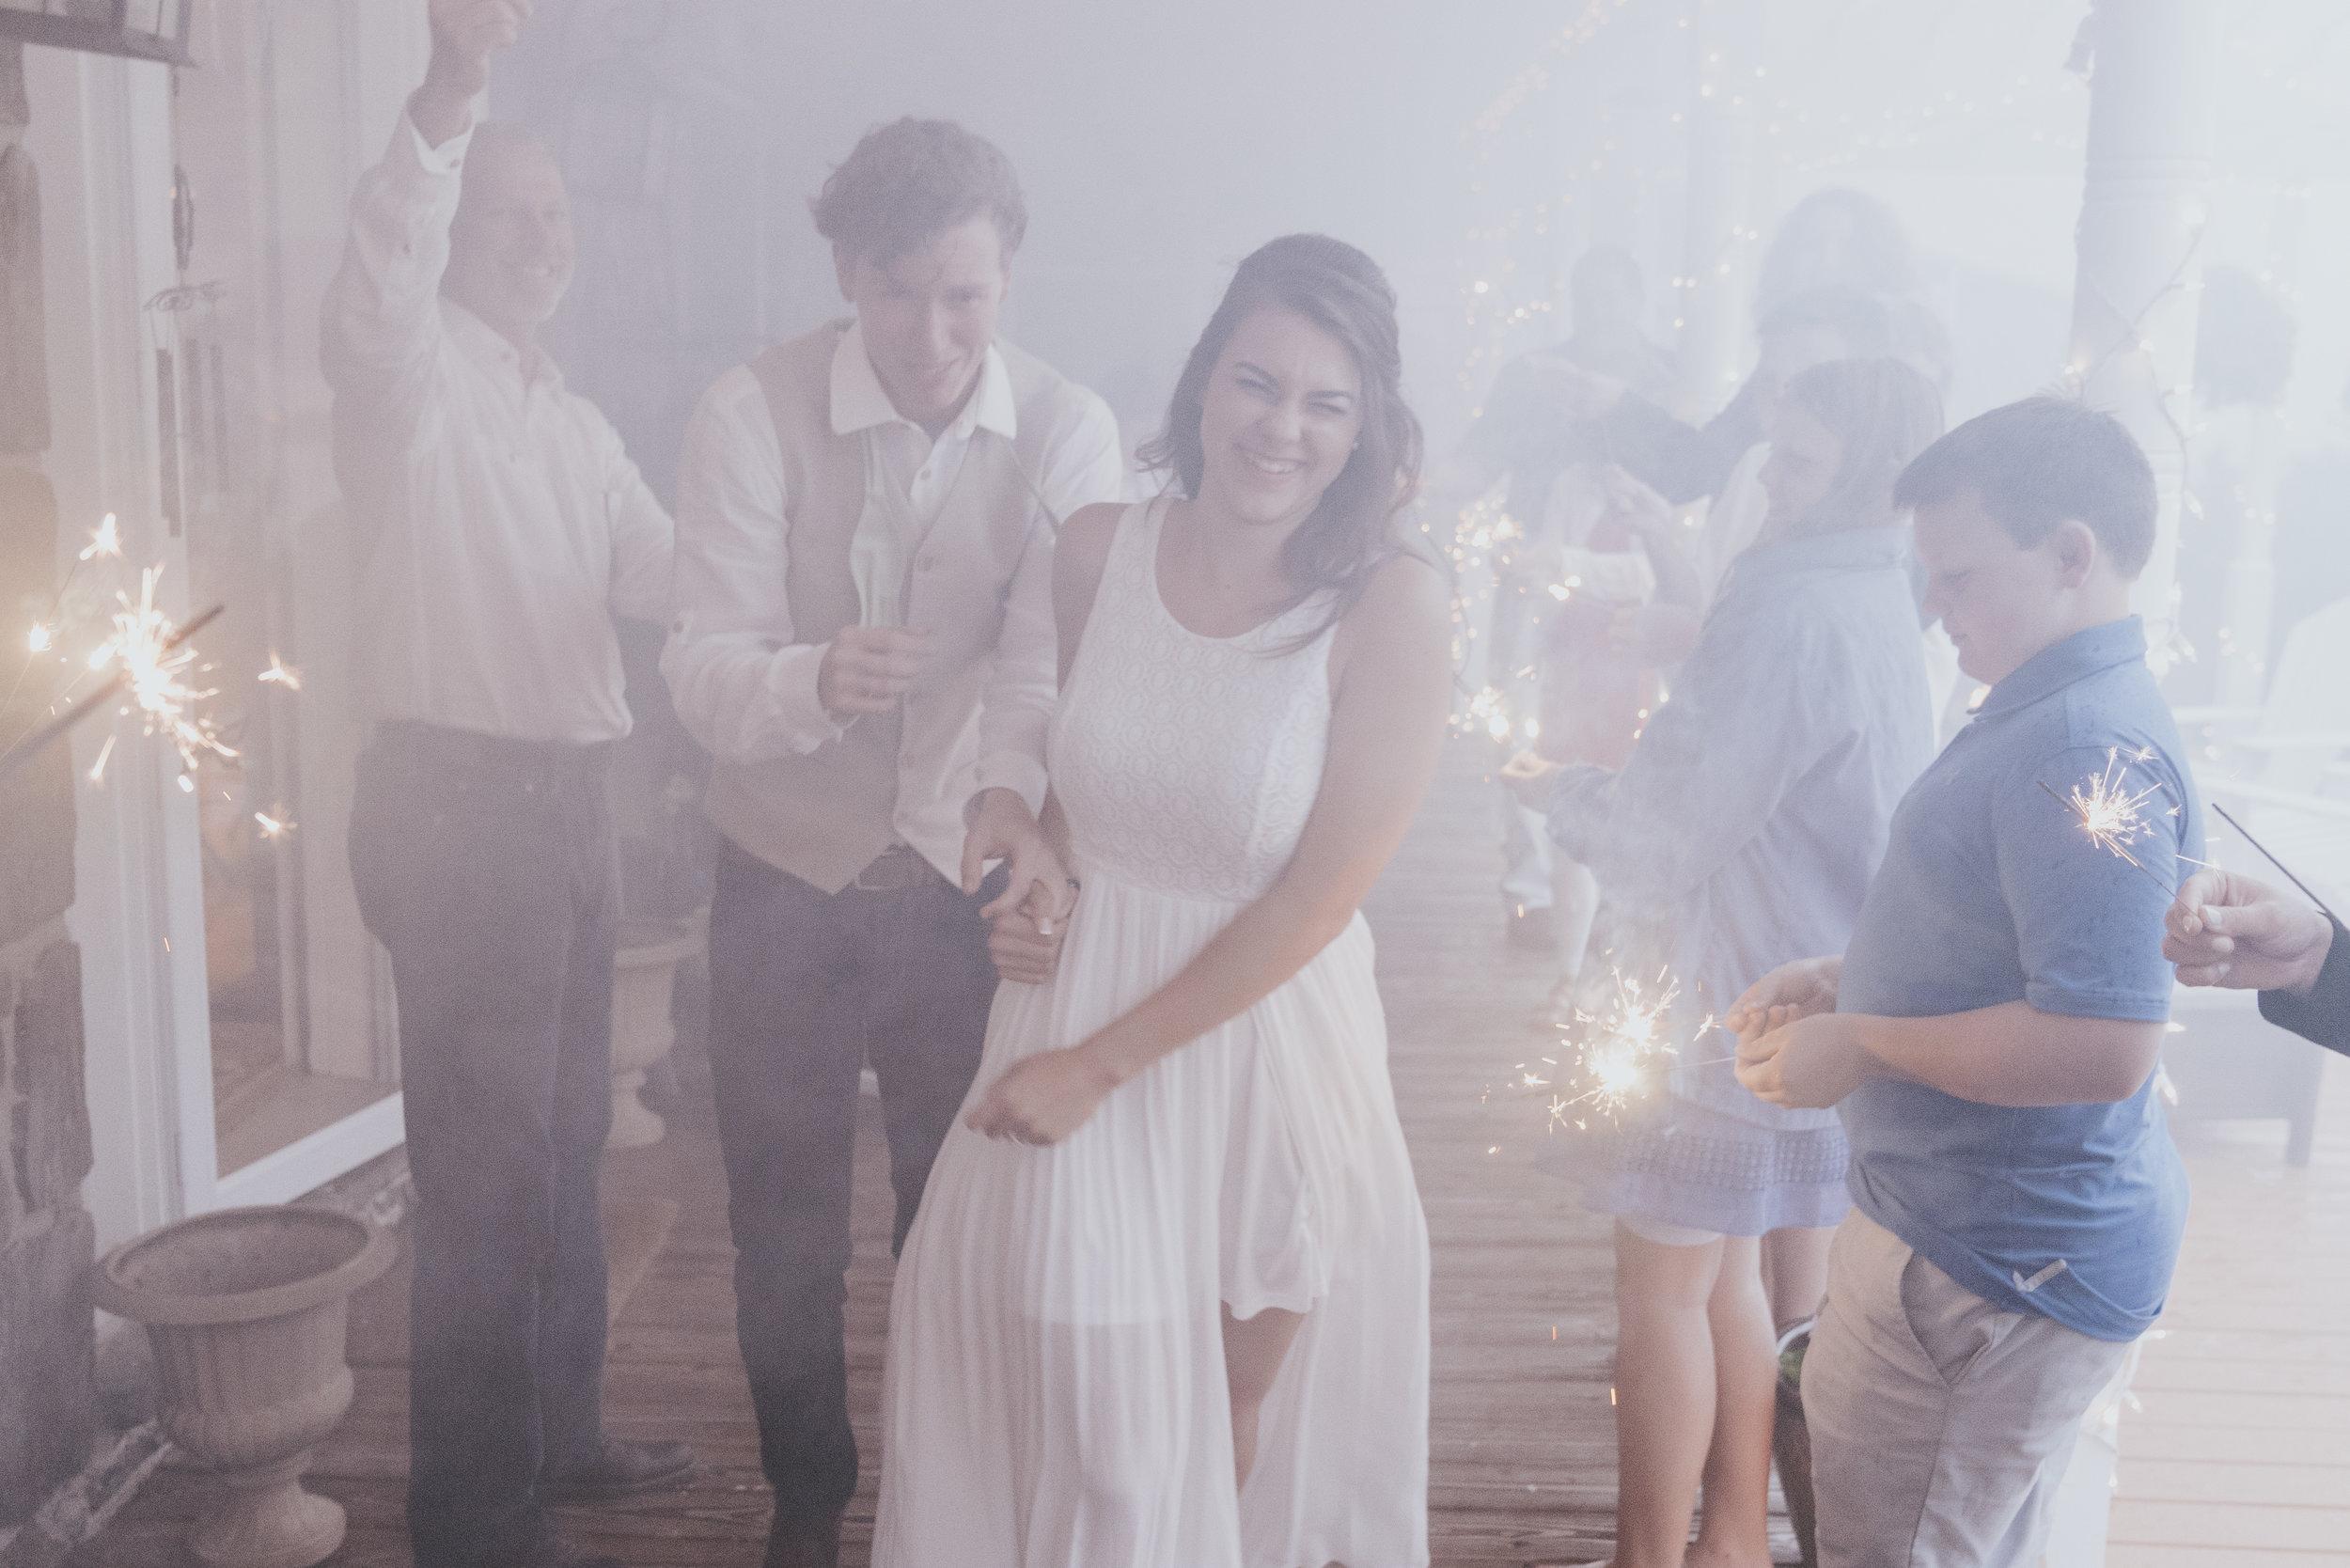 Wedding2017_Abbey_&Lucas_JPEGs (296 of 299).jpg